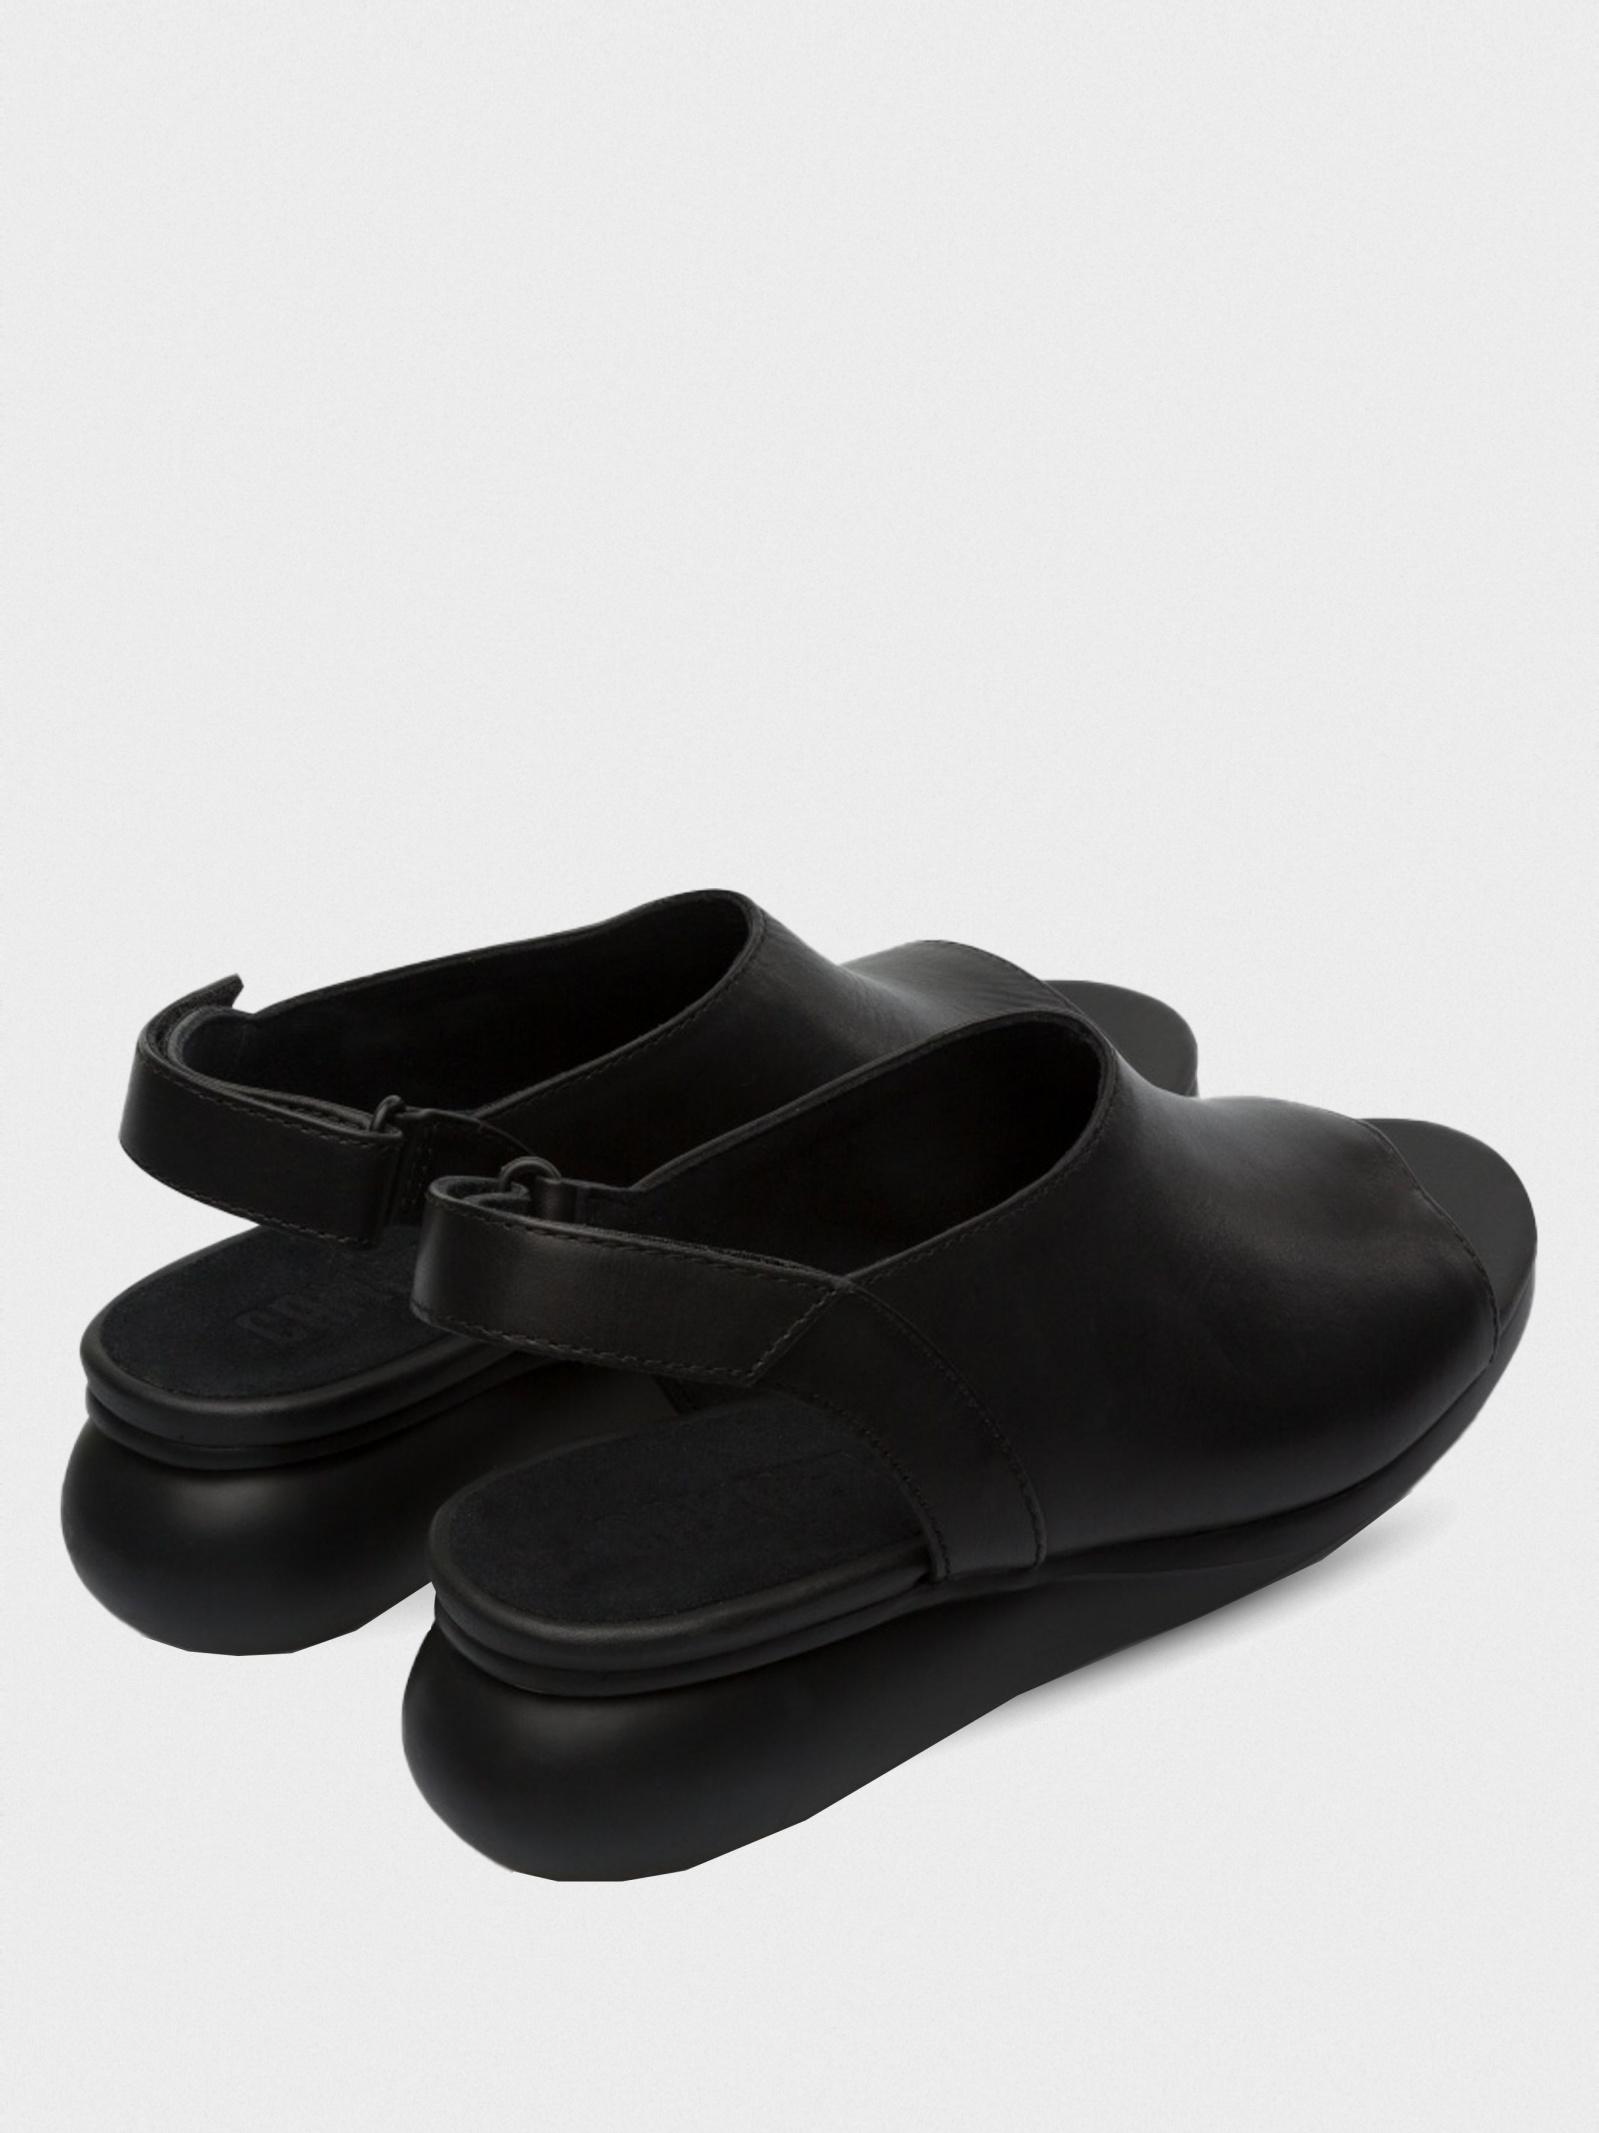 Сандалии для женщин Camper Balloon AW1088 купить обувь, 2017